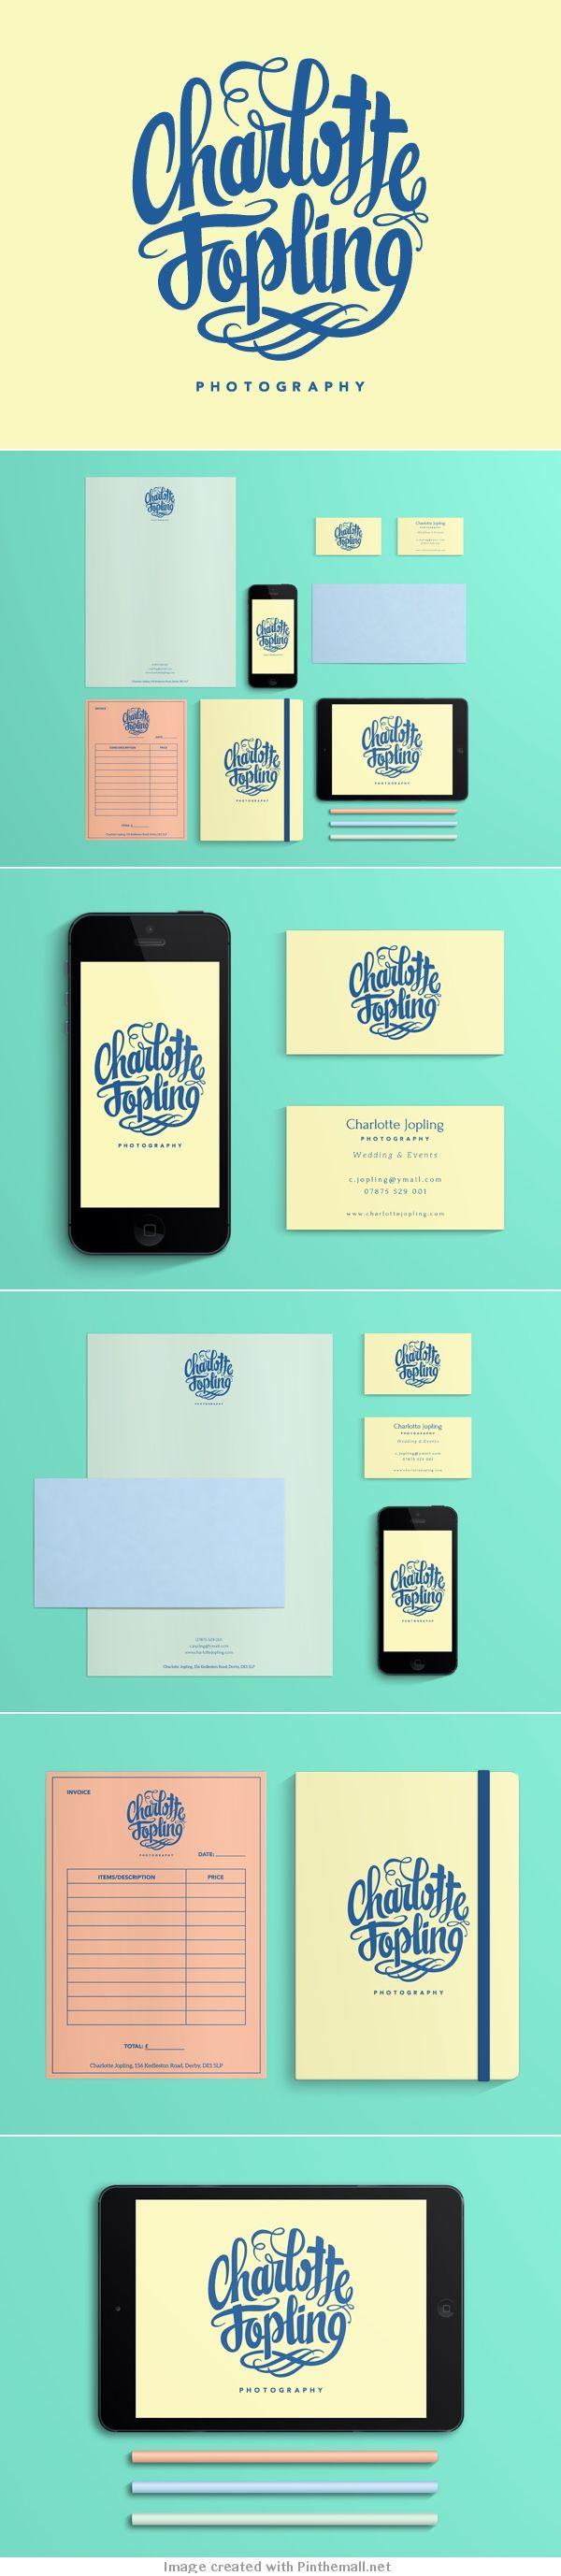 Corporate design letterhead letter business card logo envelop colors graphic